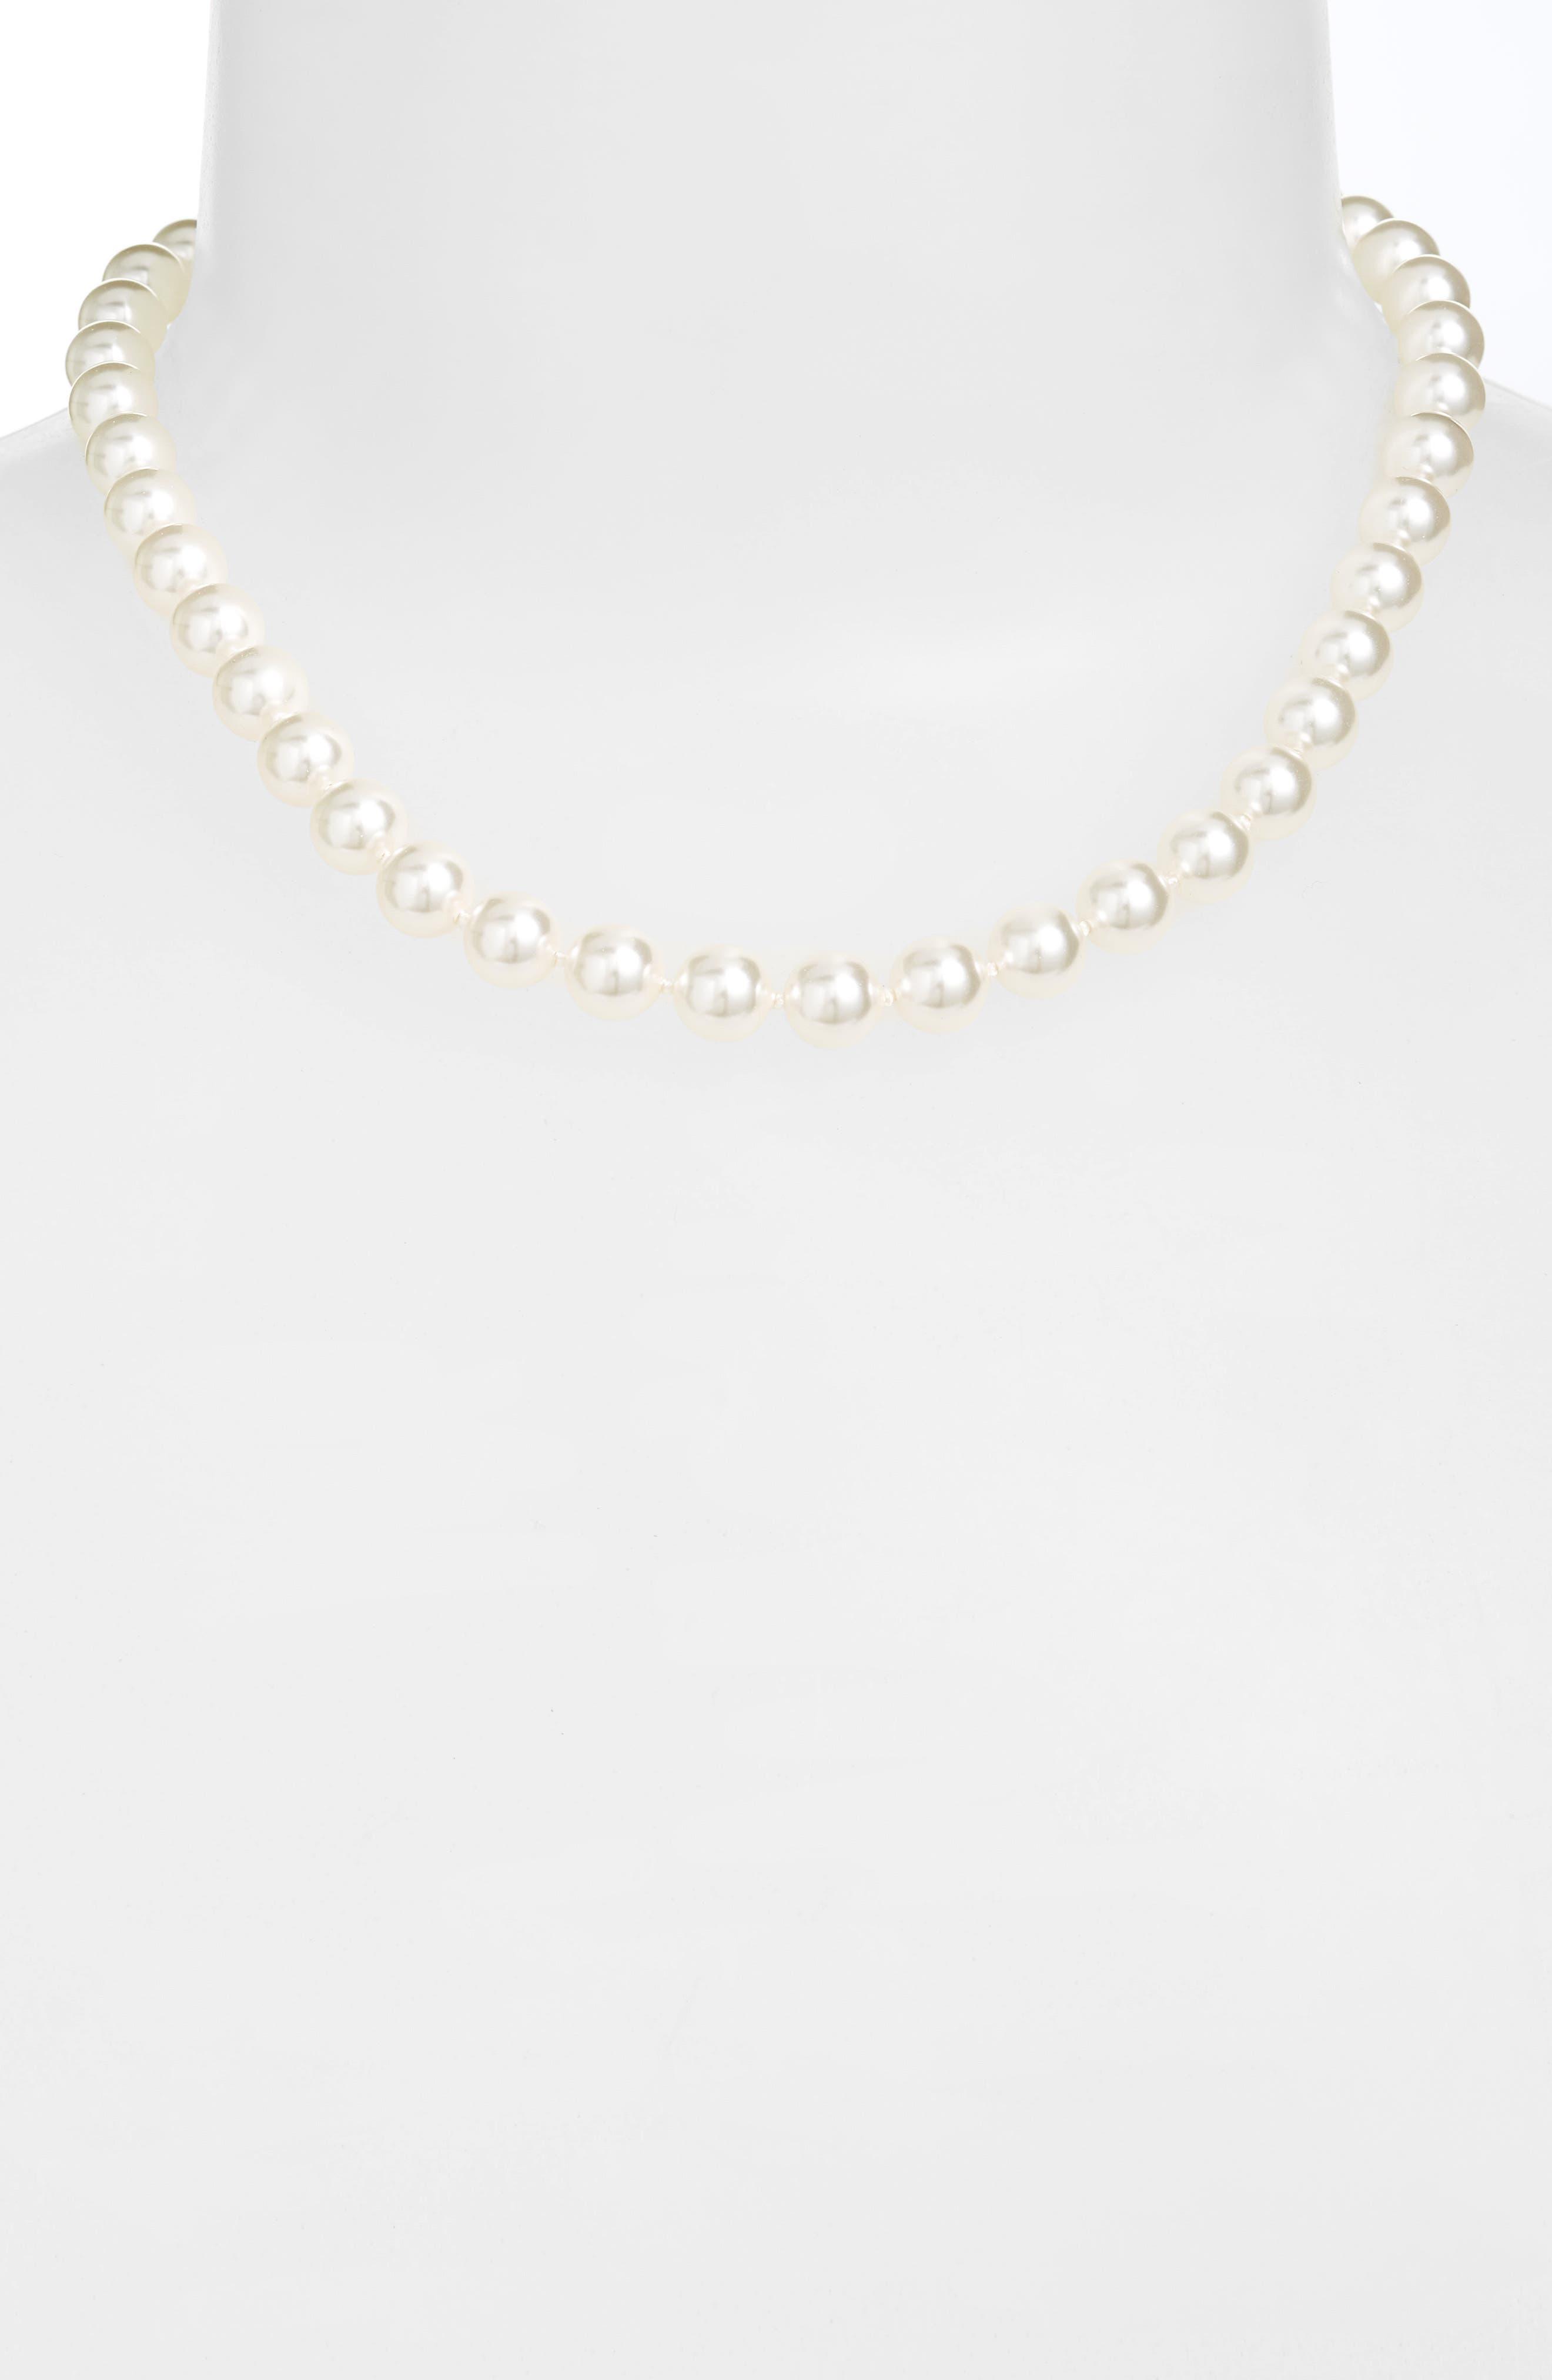 NADRI 16-Inch Glass Pearl Strand Necklace, Main, color, 100